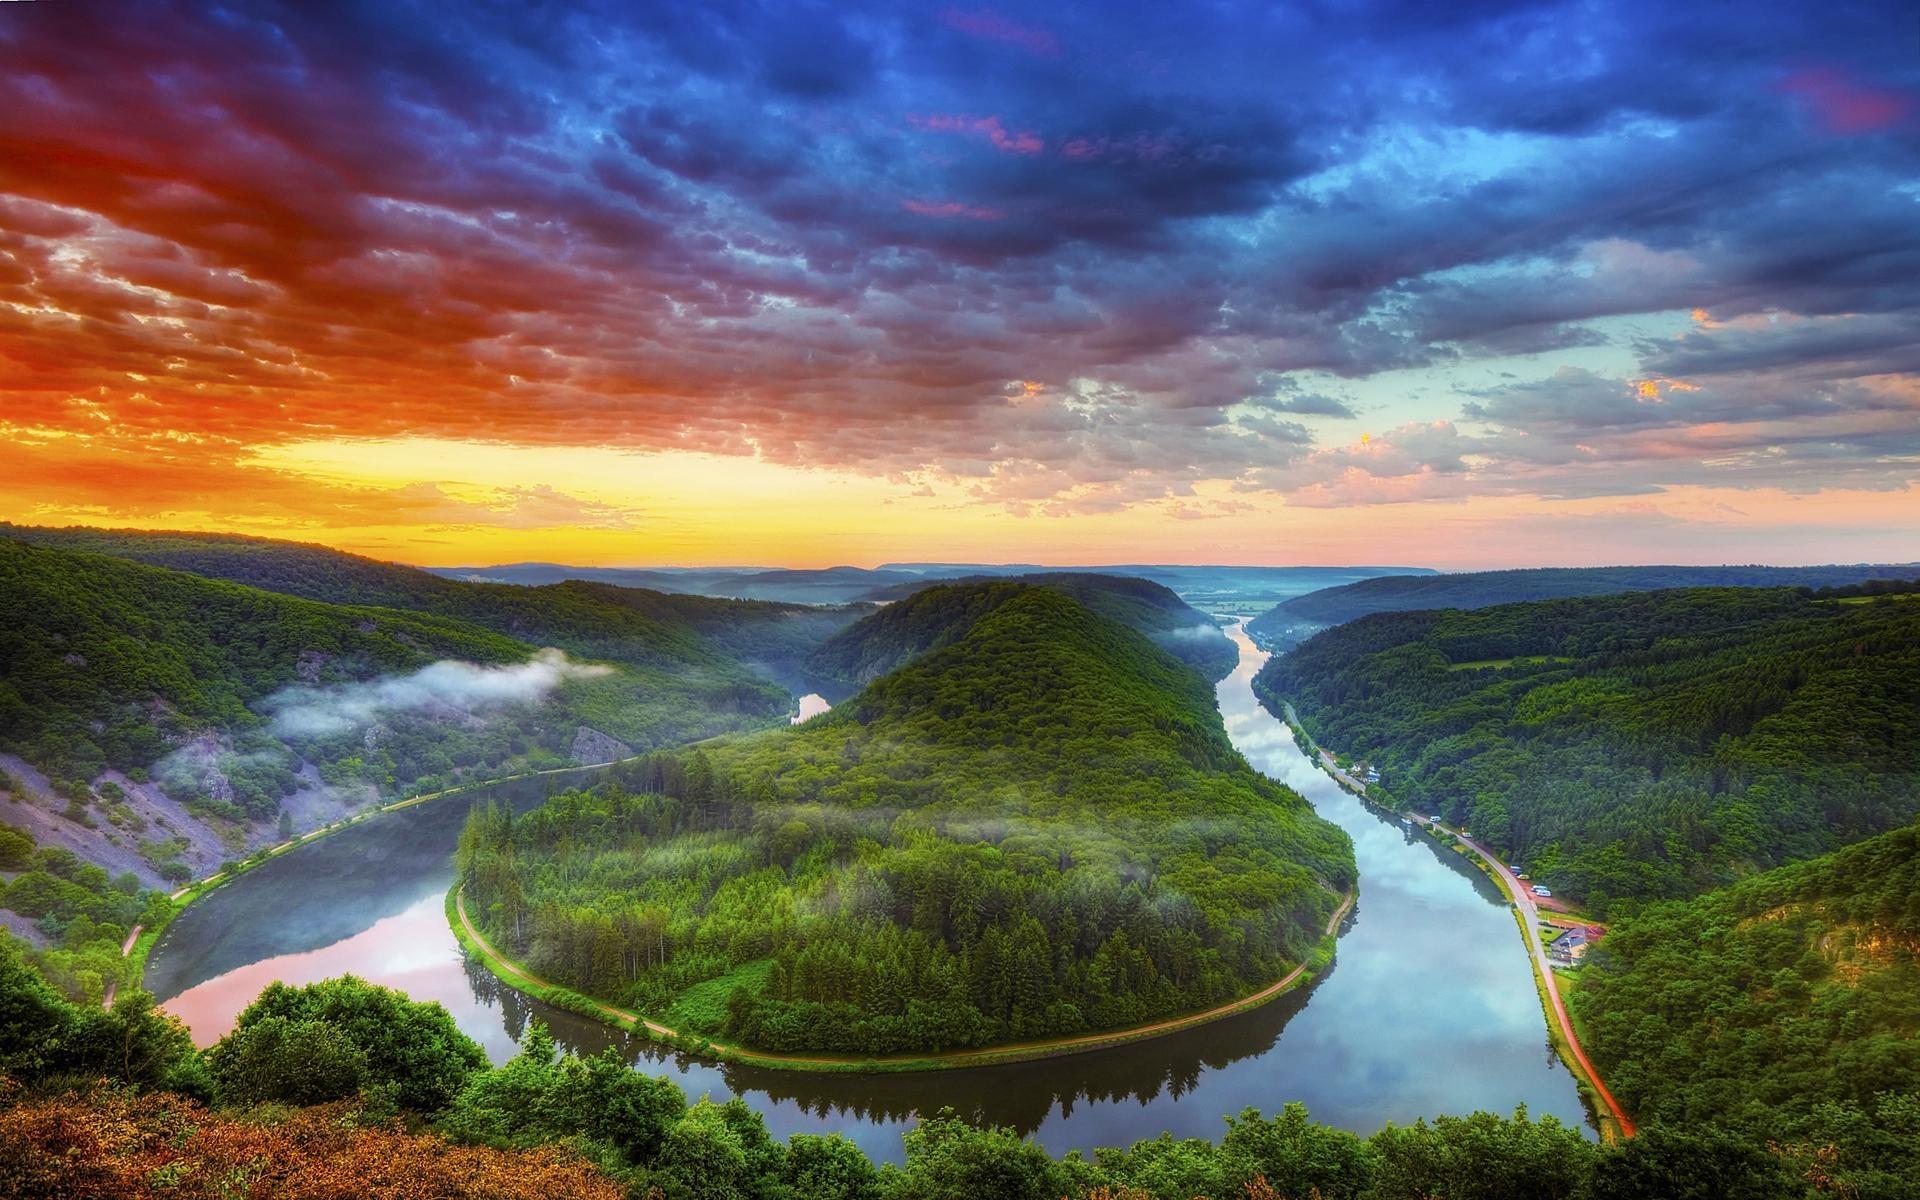 12548 скачать обои Пейзаж, Река, Небо, Арт - заставки и картинки бесплатно